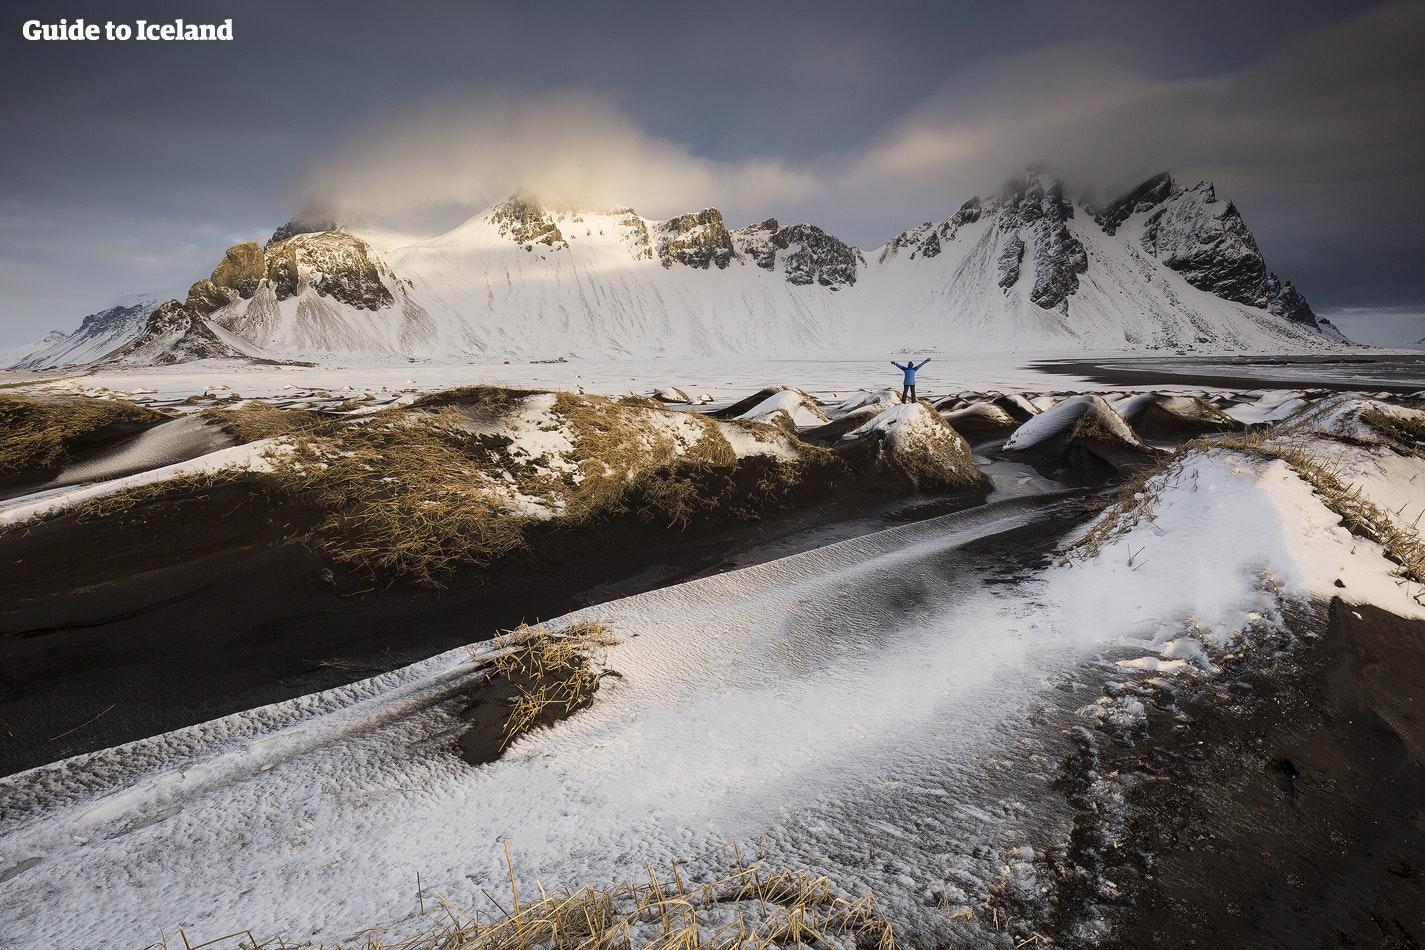 เวสตราฮอนที่เป็นหนึ่งในภูเขาที่น่าทึ่งที่สุดทางตะวันออก